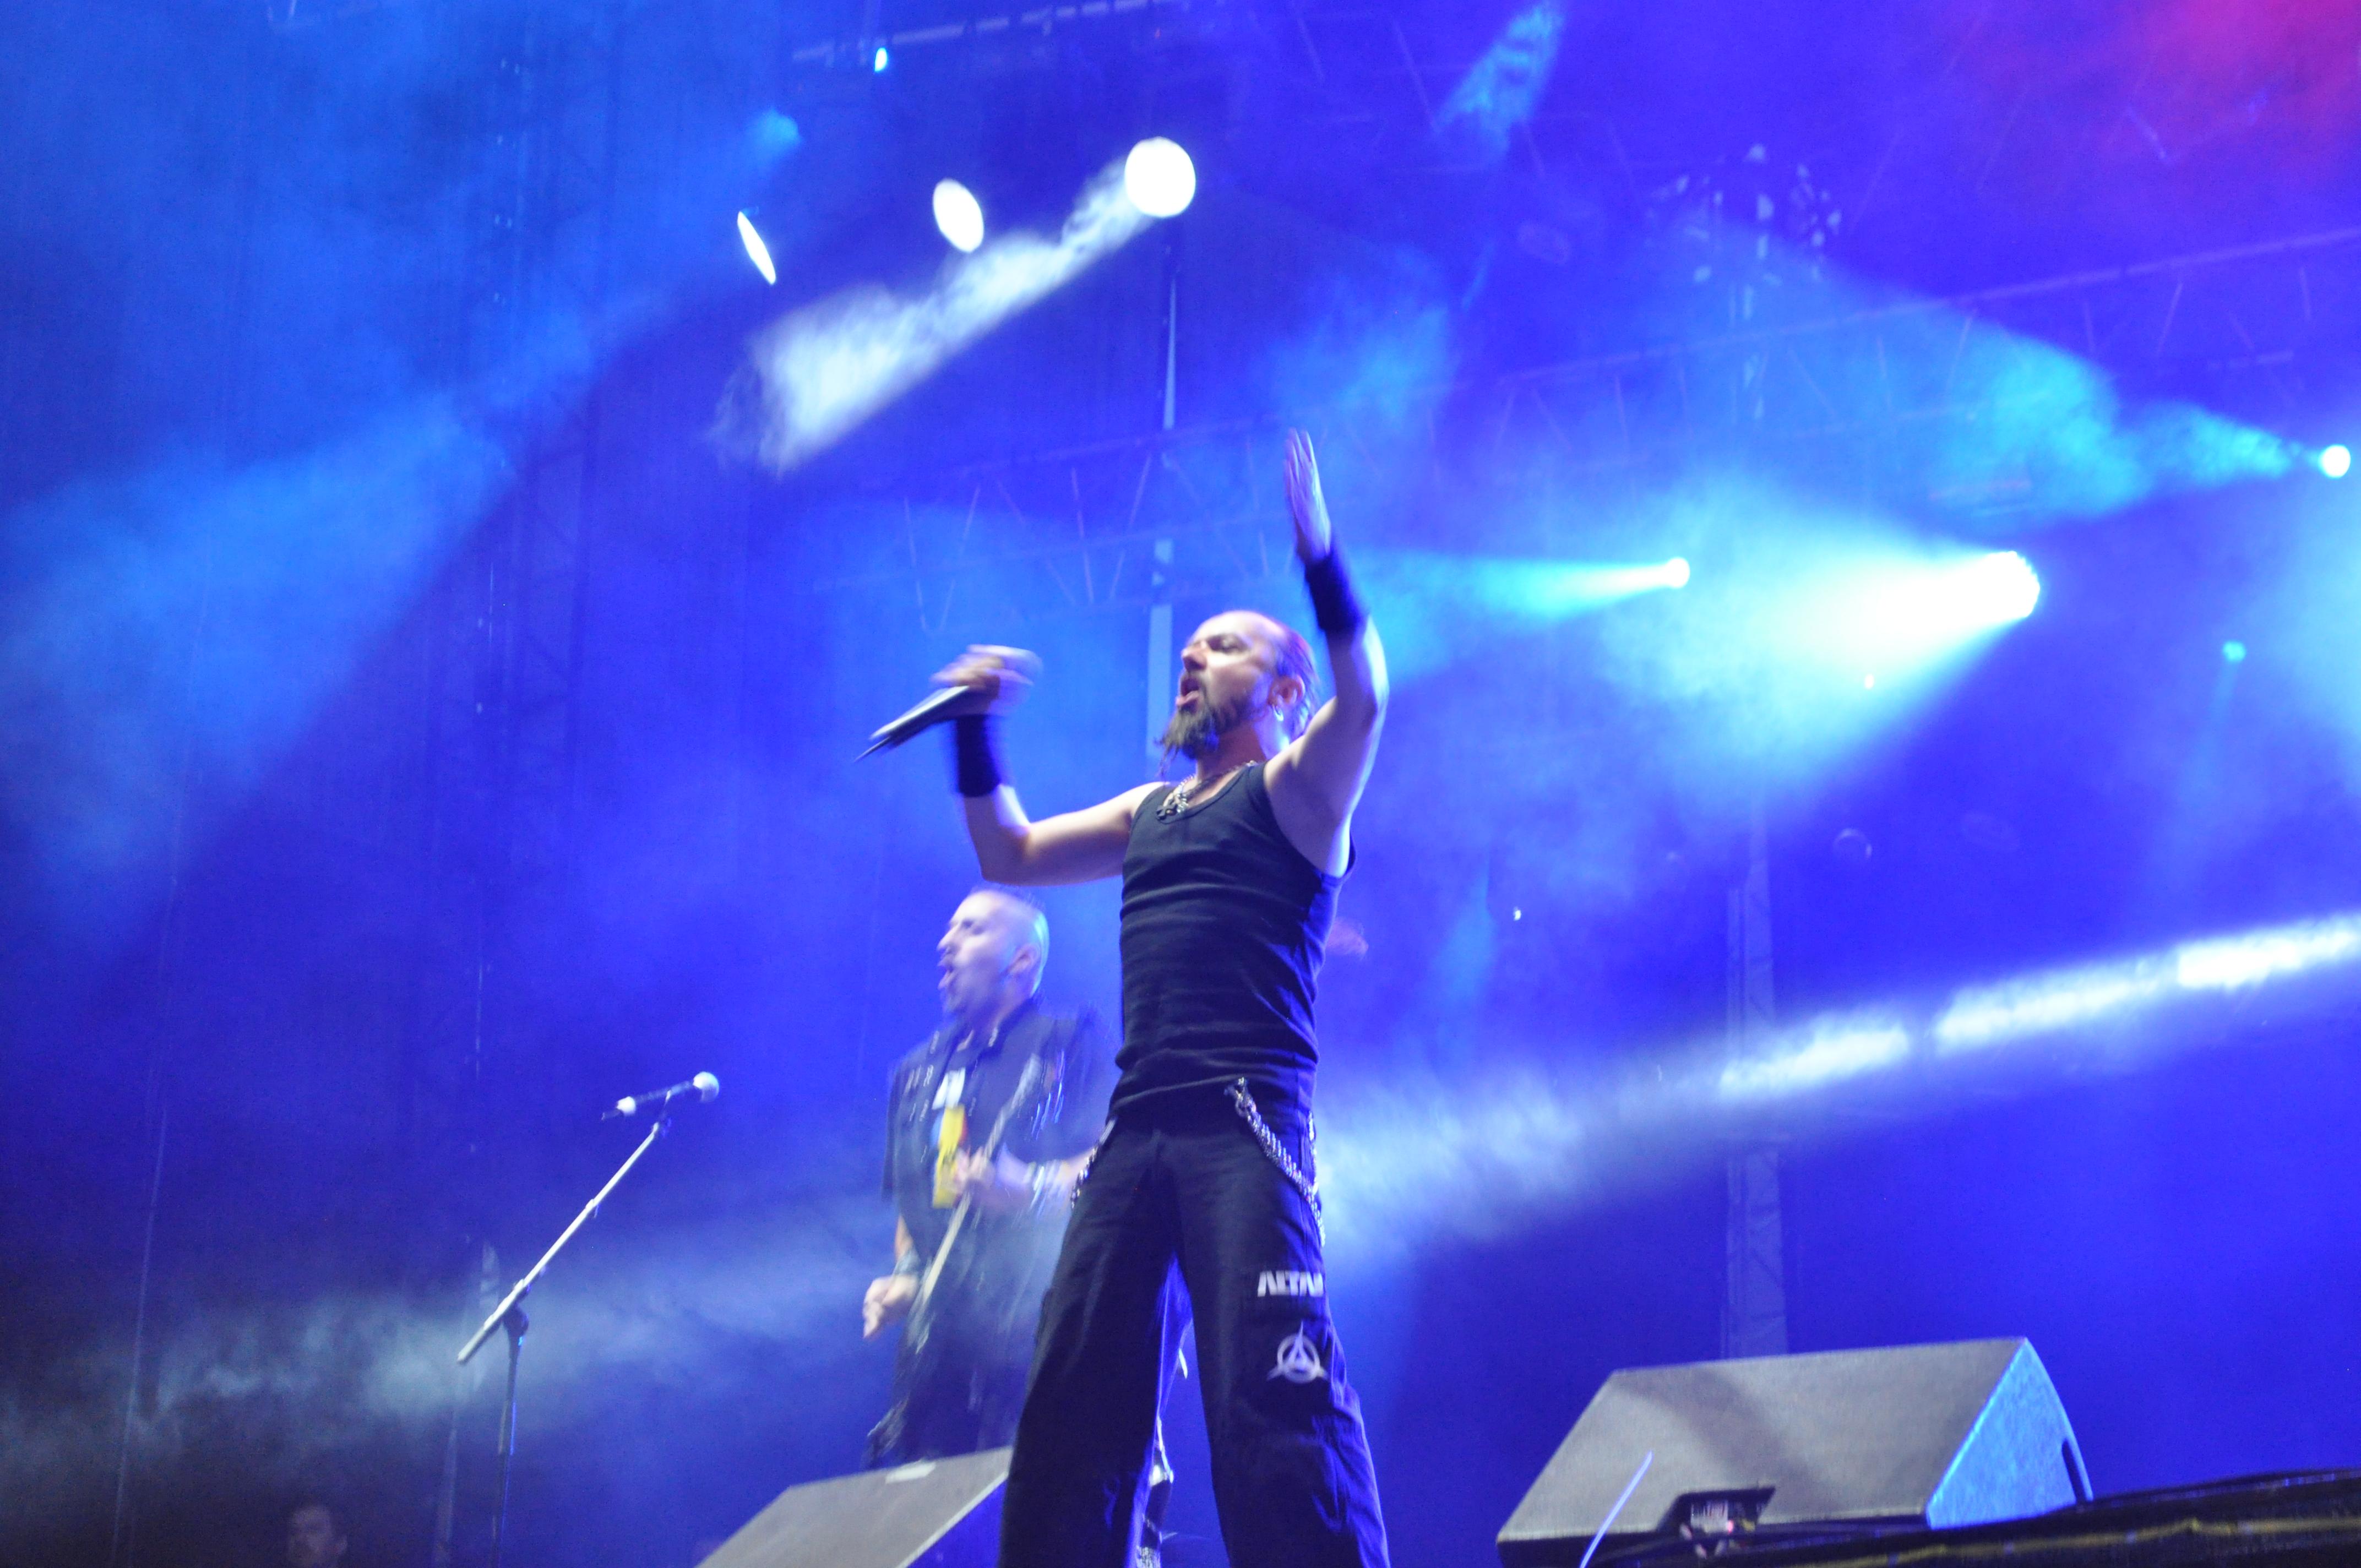 EXCLUSIV Andy Ghost de la Altar, cooptat în varianta clujeană a operei rock Jesus Christ Superstar